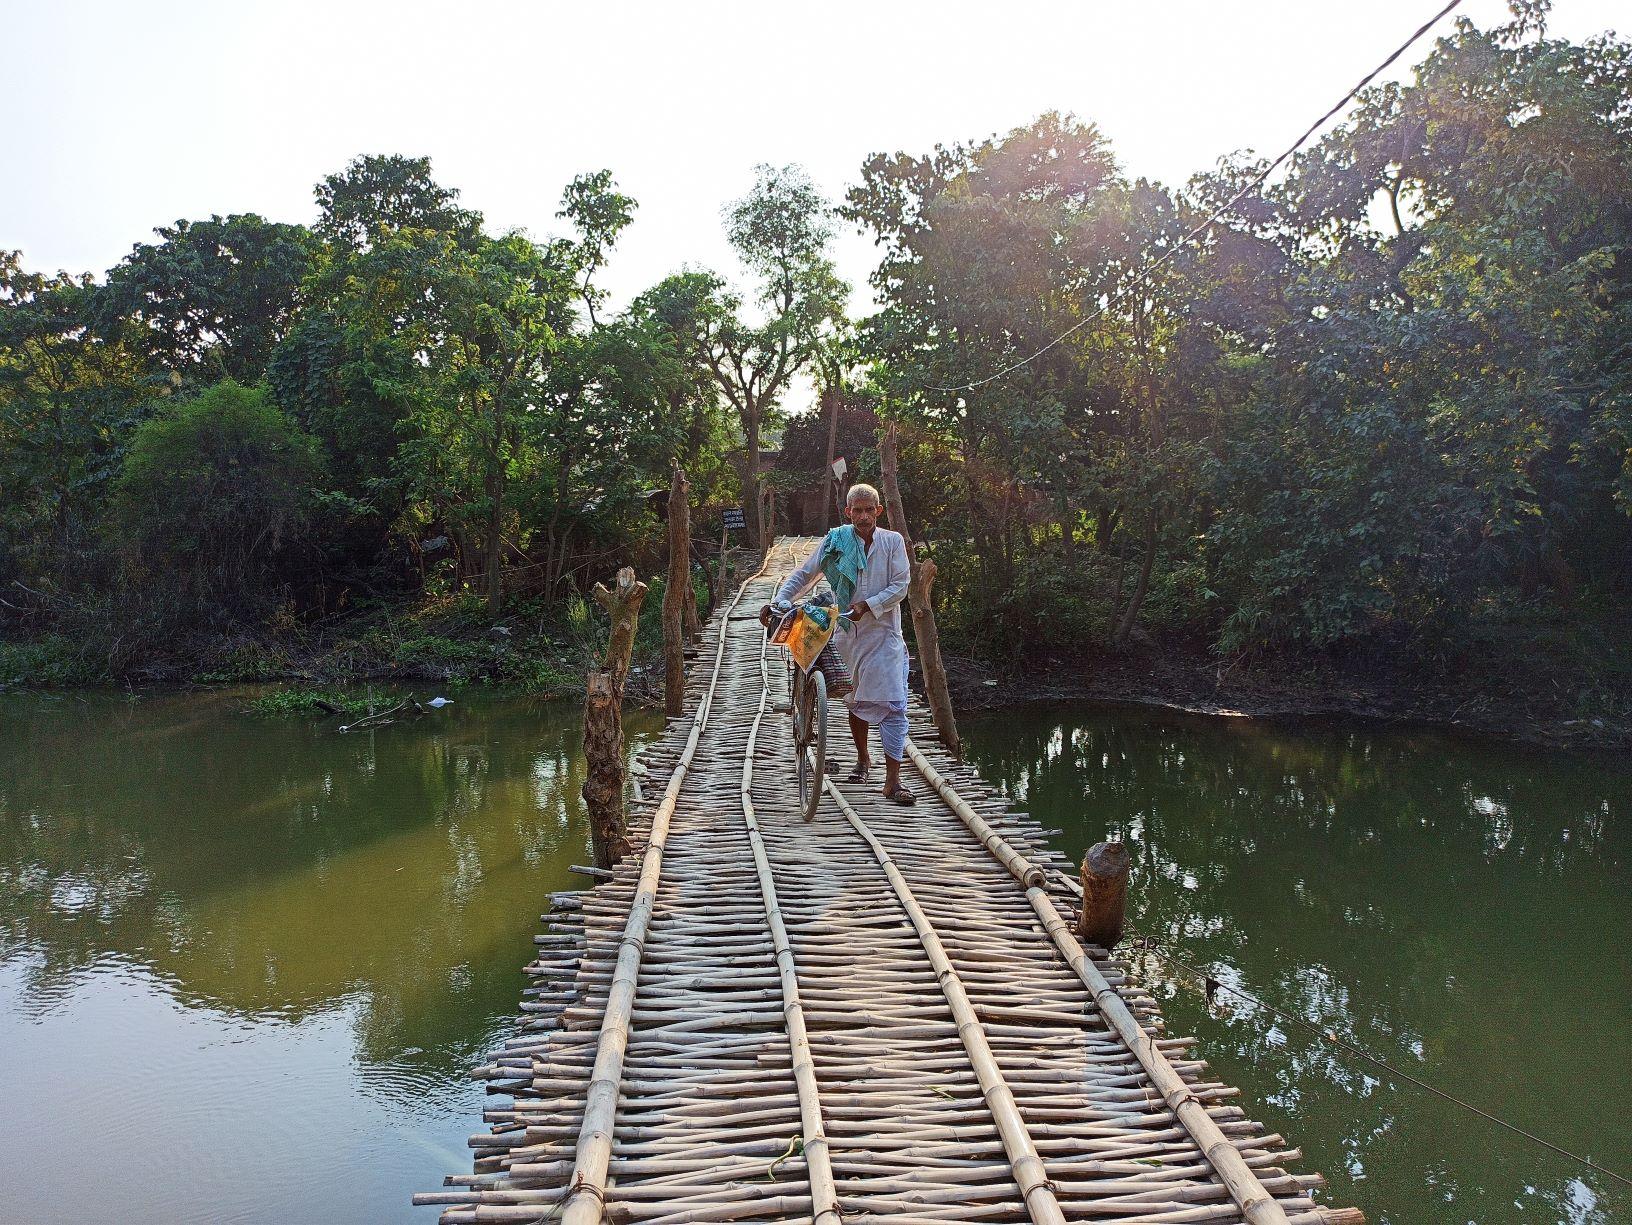 डुमरी गांव का चंचरी पुल. (सभी फोटो: मनोज सिंह)